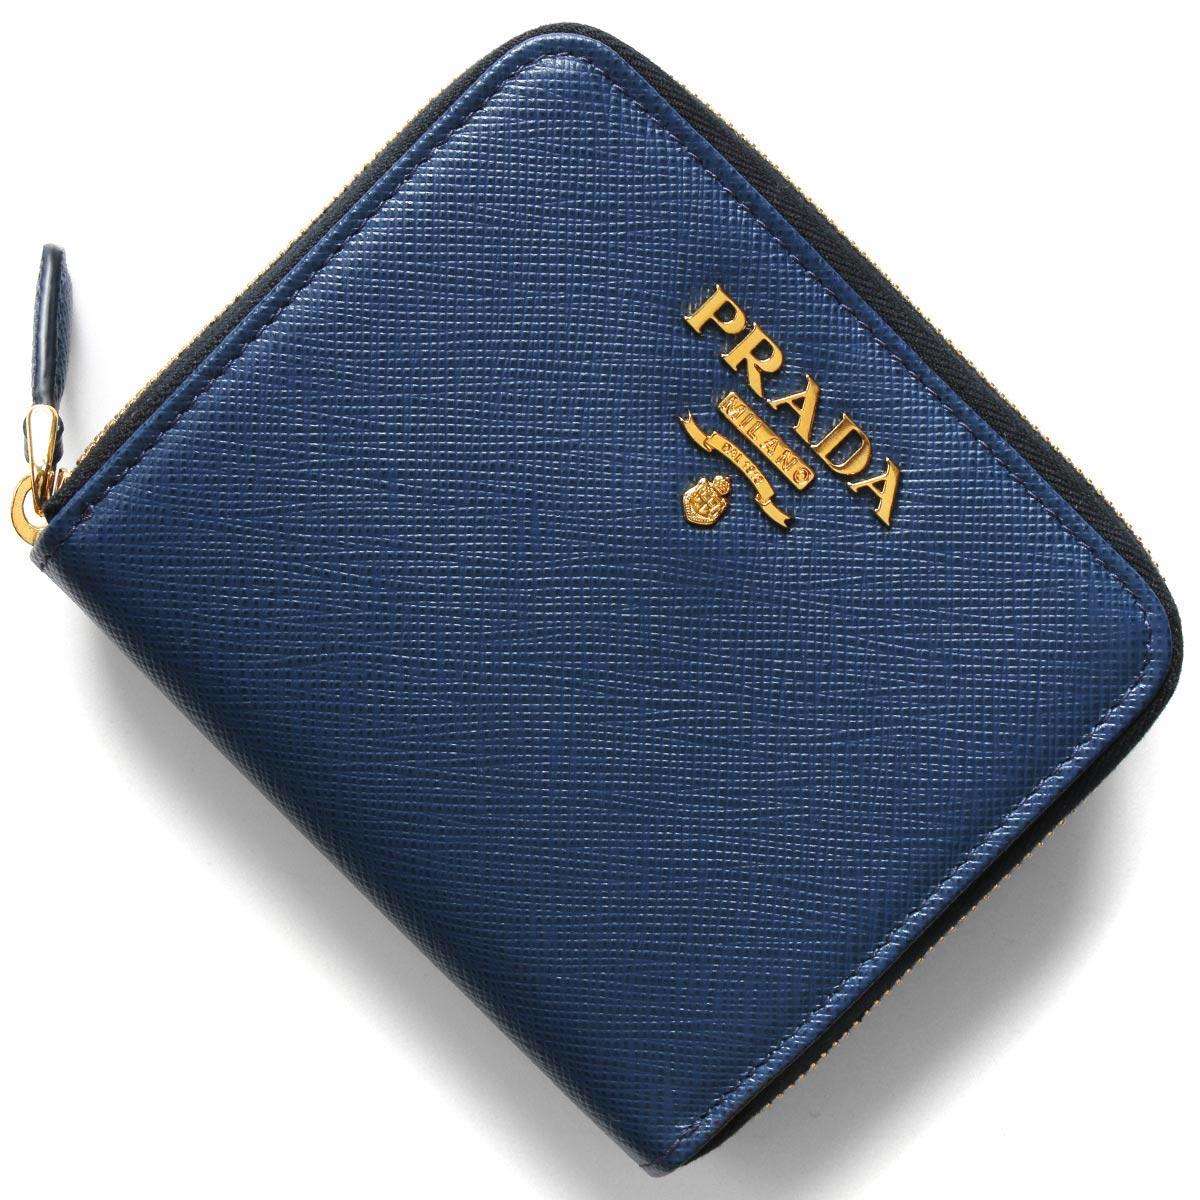 プラダ 二つ折り財布 財布 レディース サフィアーノ メタル ブリエッタブルー 1ML036 QWA F0016 PRADA